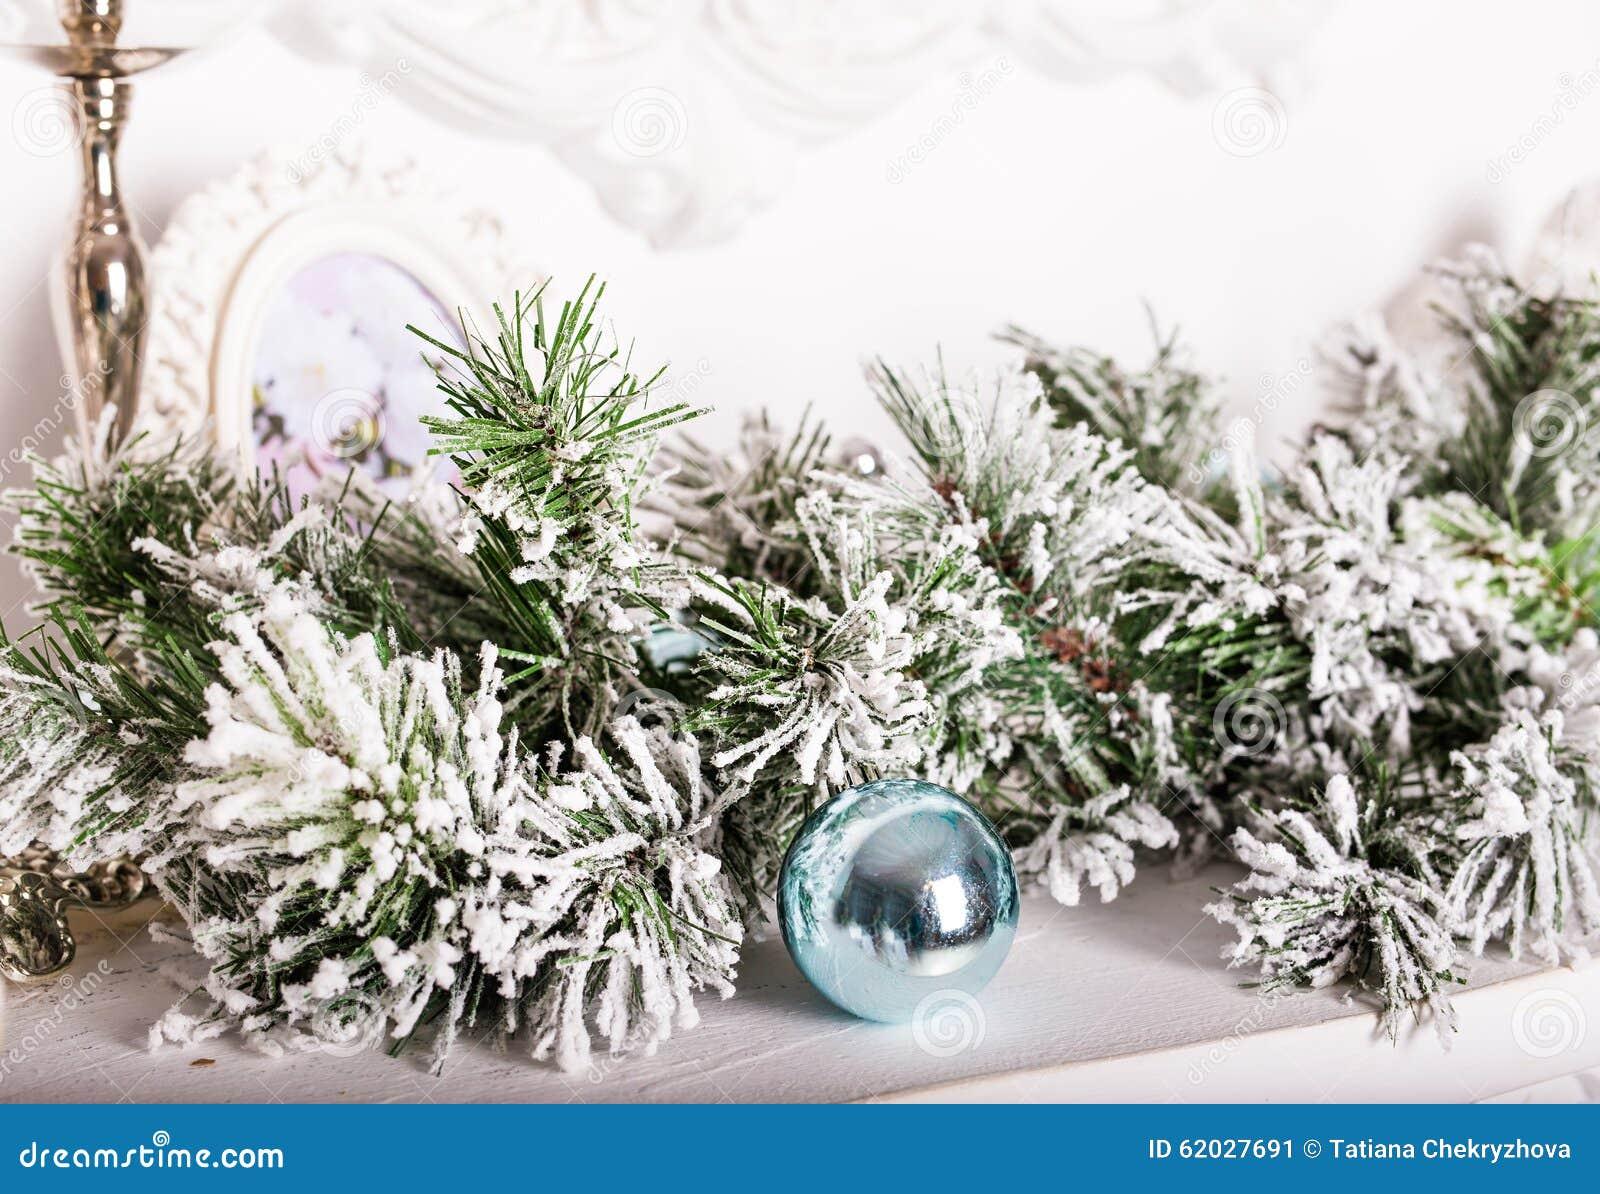 Decorazioni Natalizie Sul Camino.Decorazioni Di Natale Sul Caminetto Immagine Stock